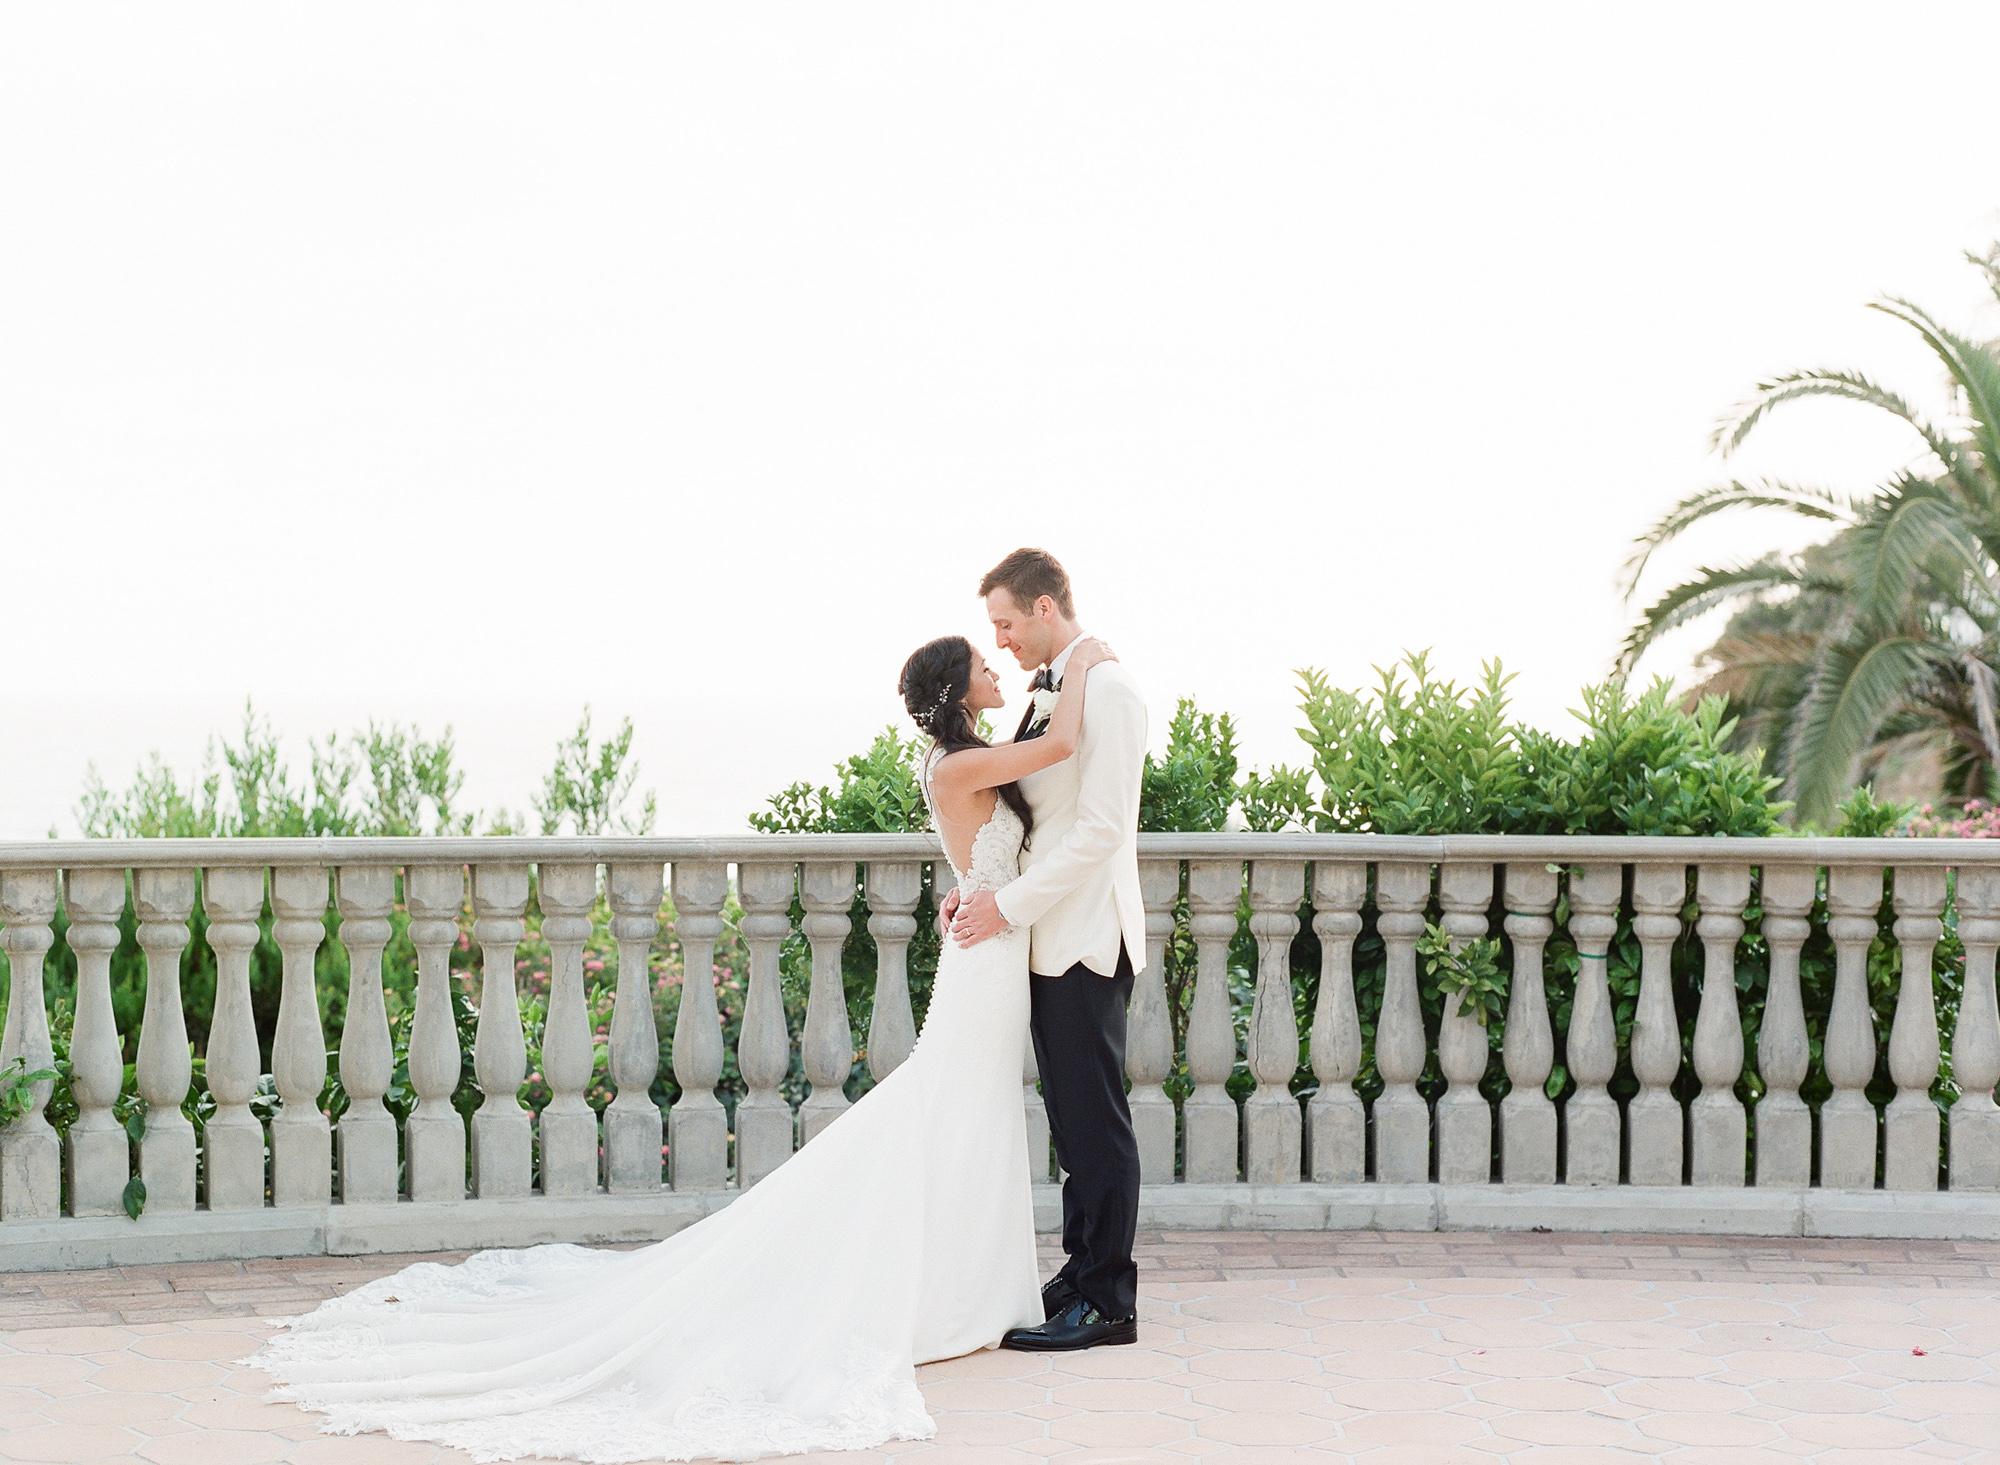 Bel-Air-Bay-Club-Wedding-Film-51.jpg